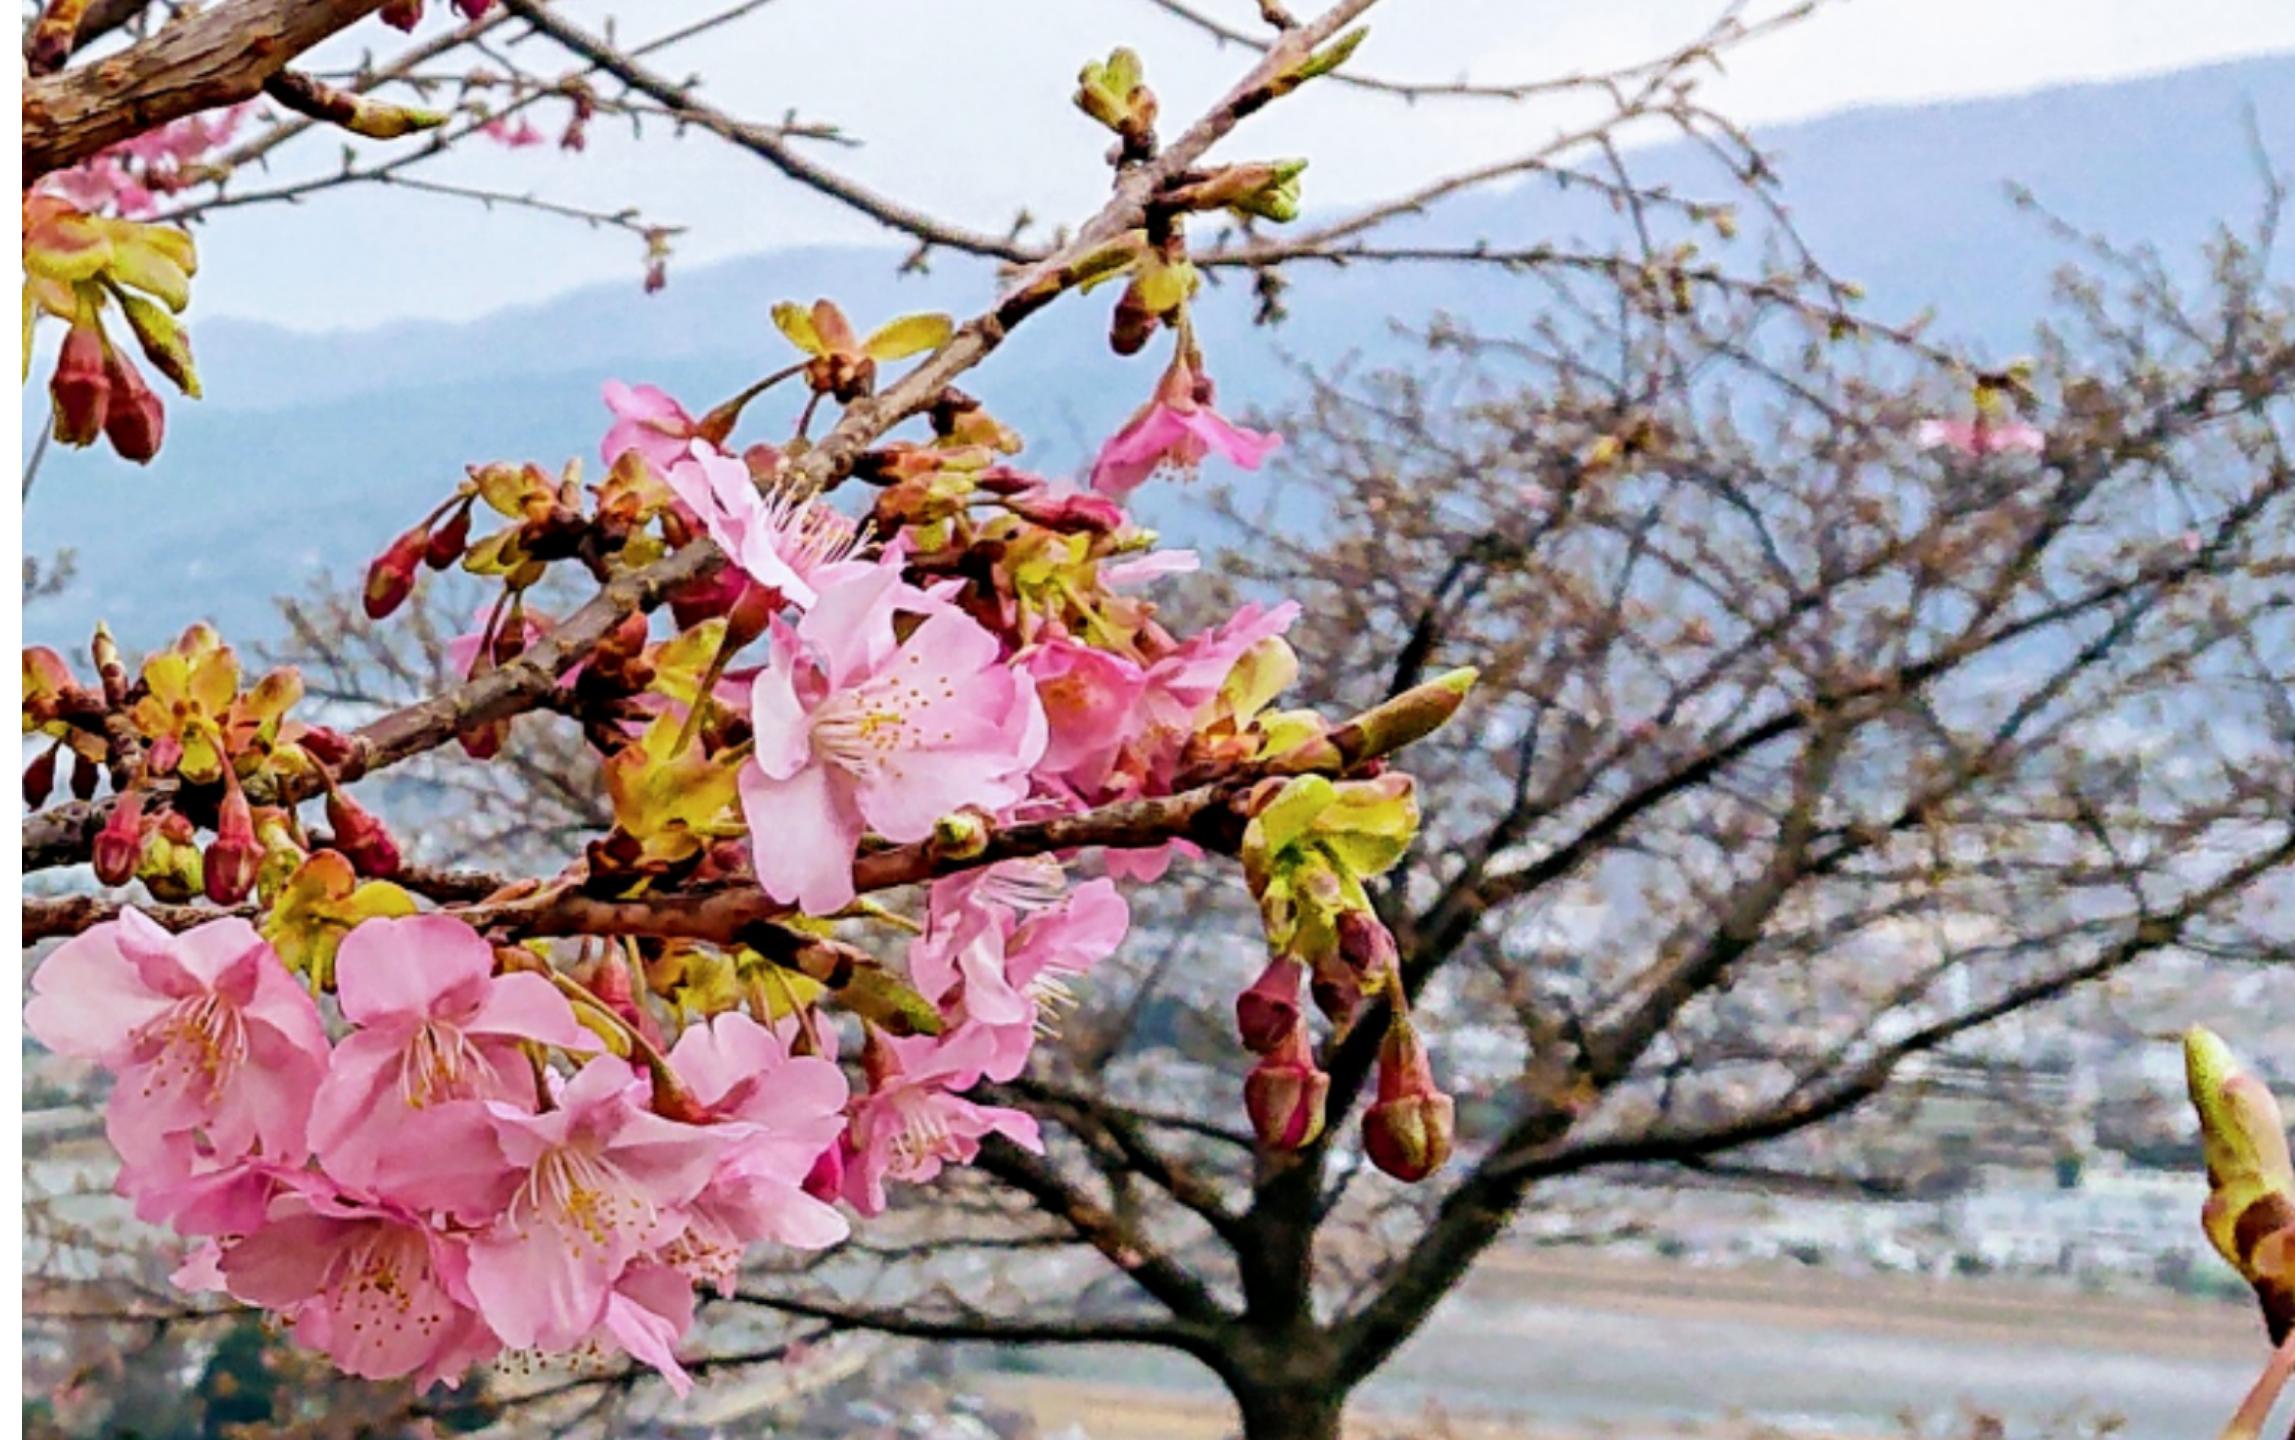 2020年 西平畑公園・松田山ハーブガーデンの河津桜が咲き始めました!